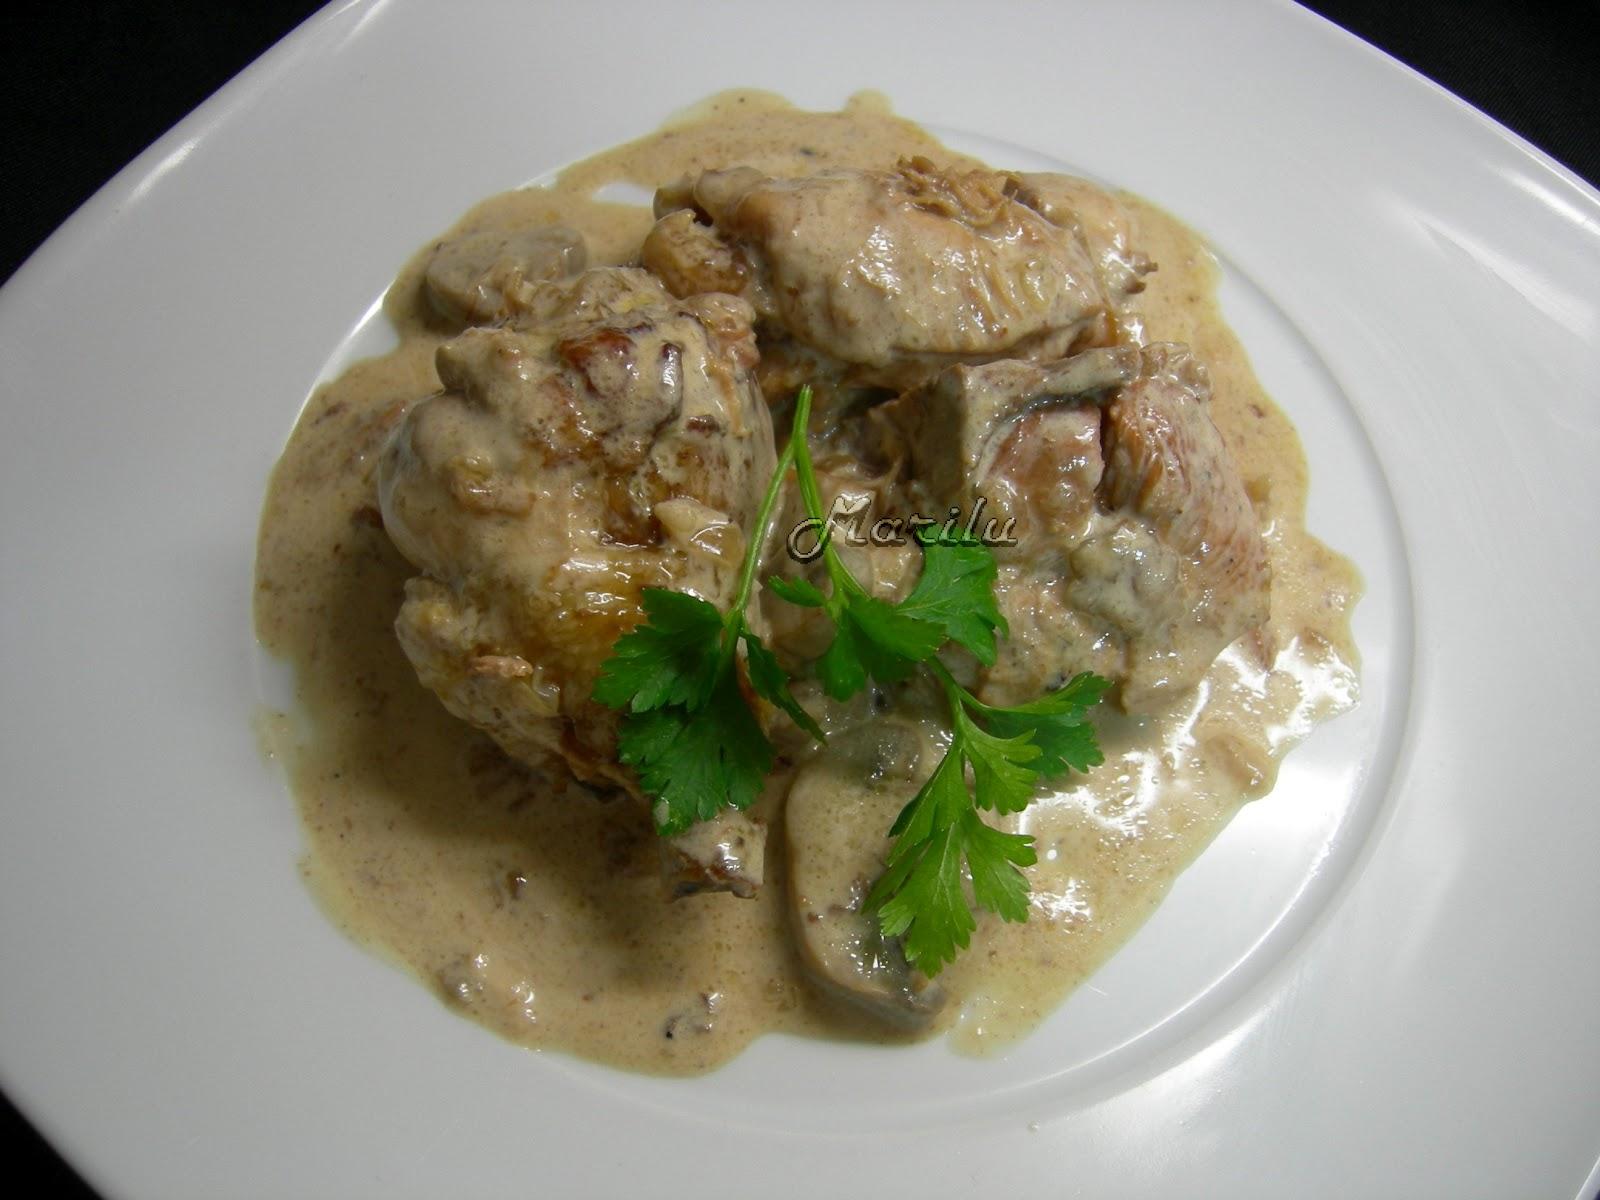 Pollo al jerez receta cocinero online for Maneras de cocinar pollo